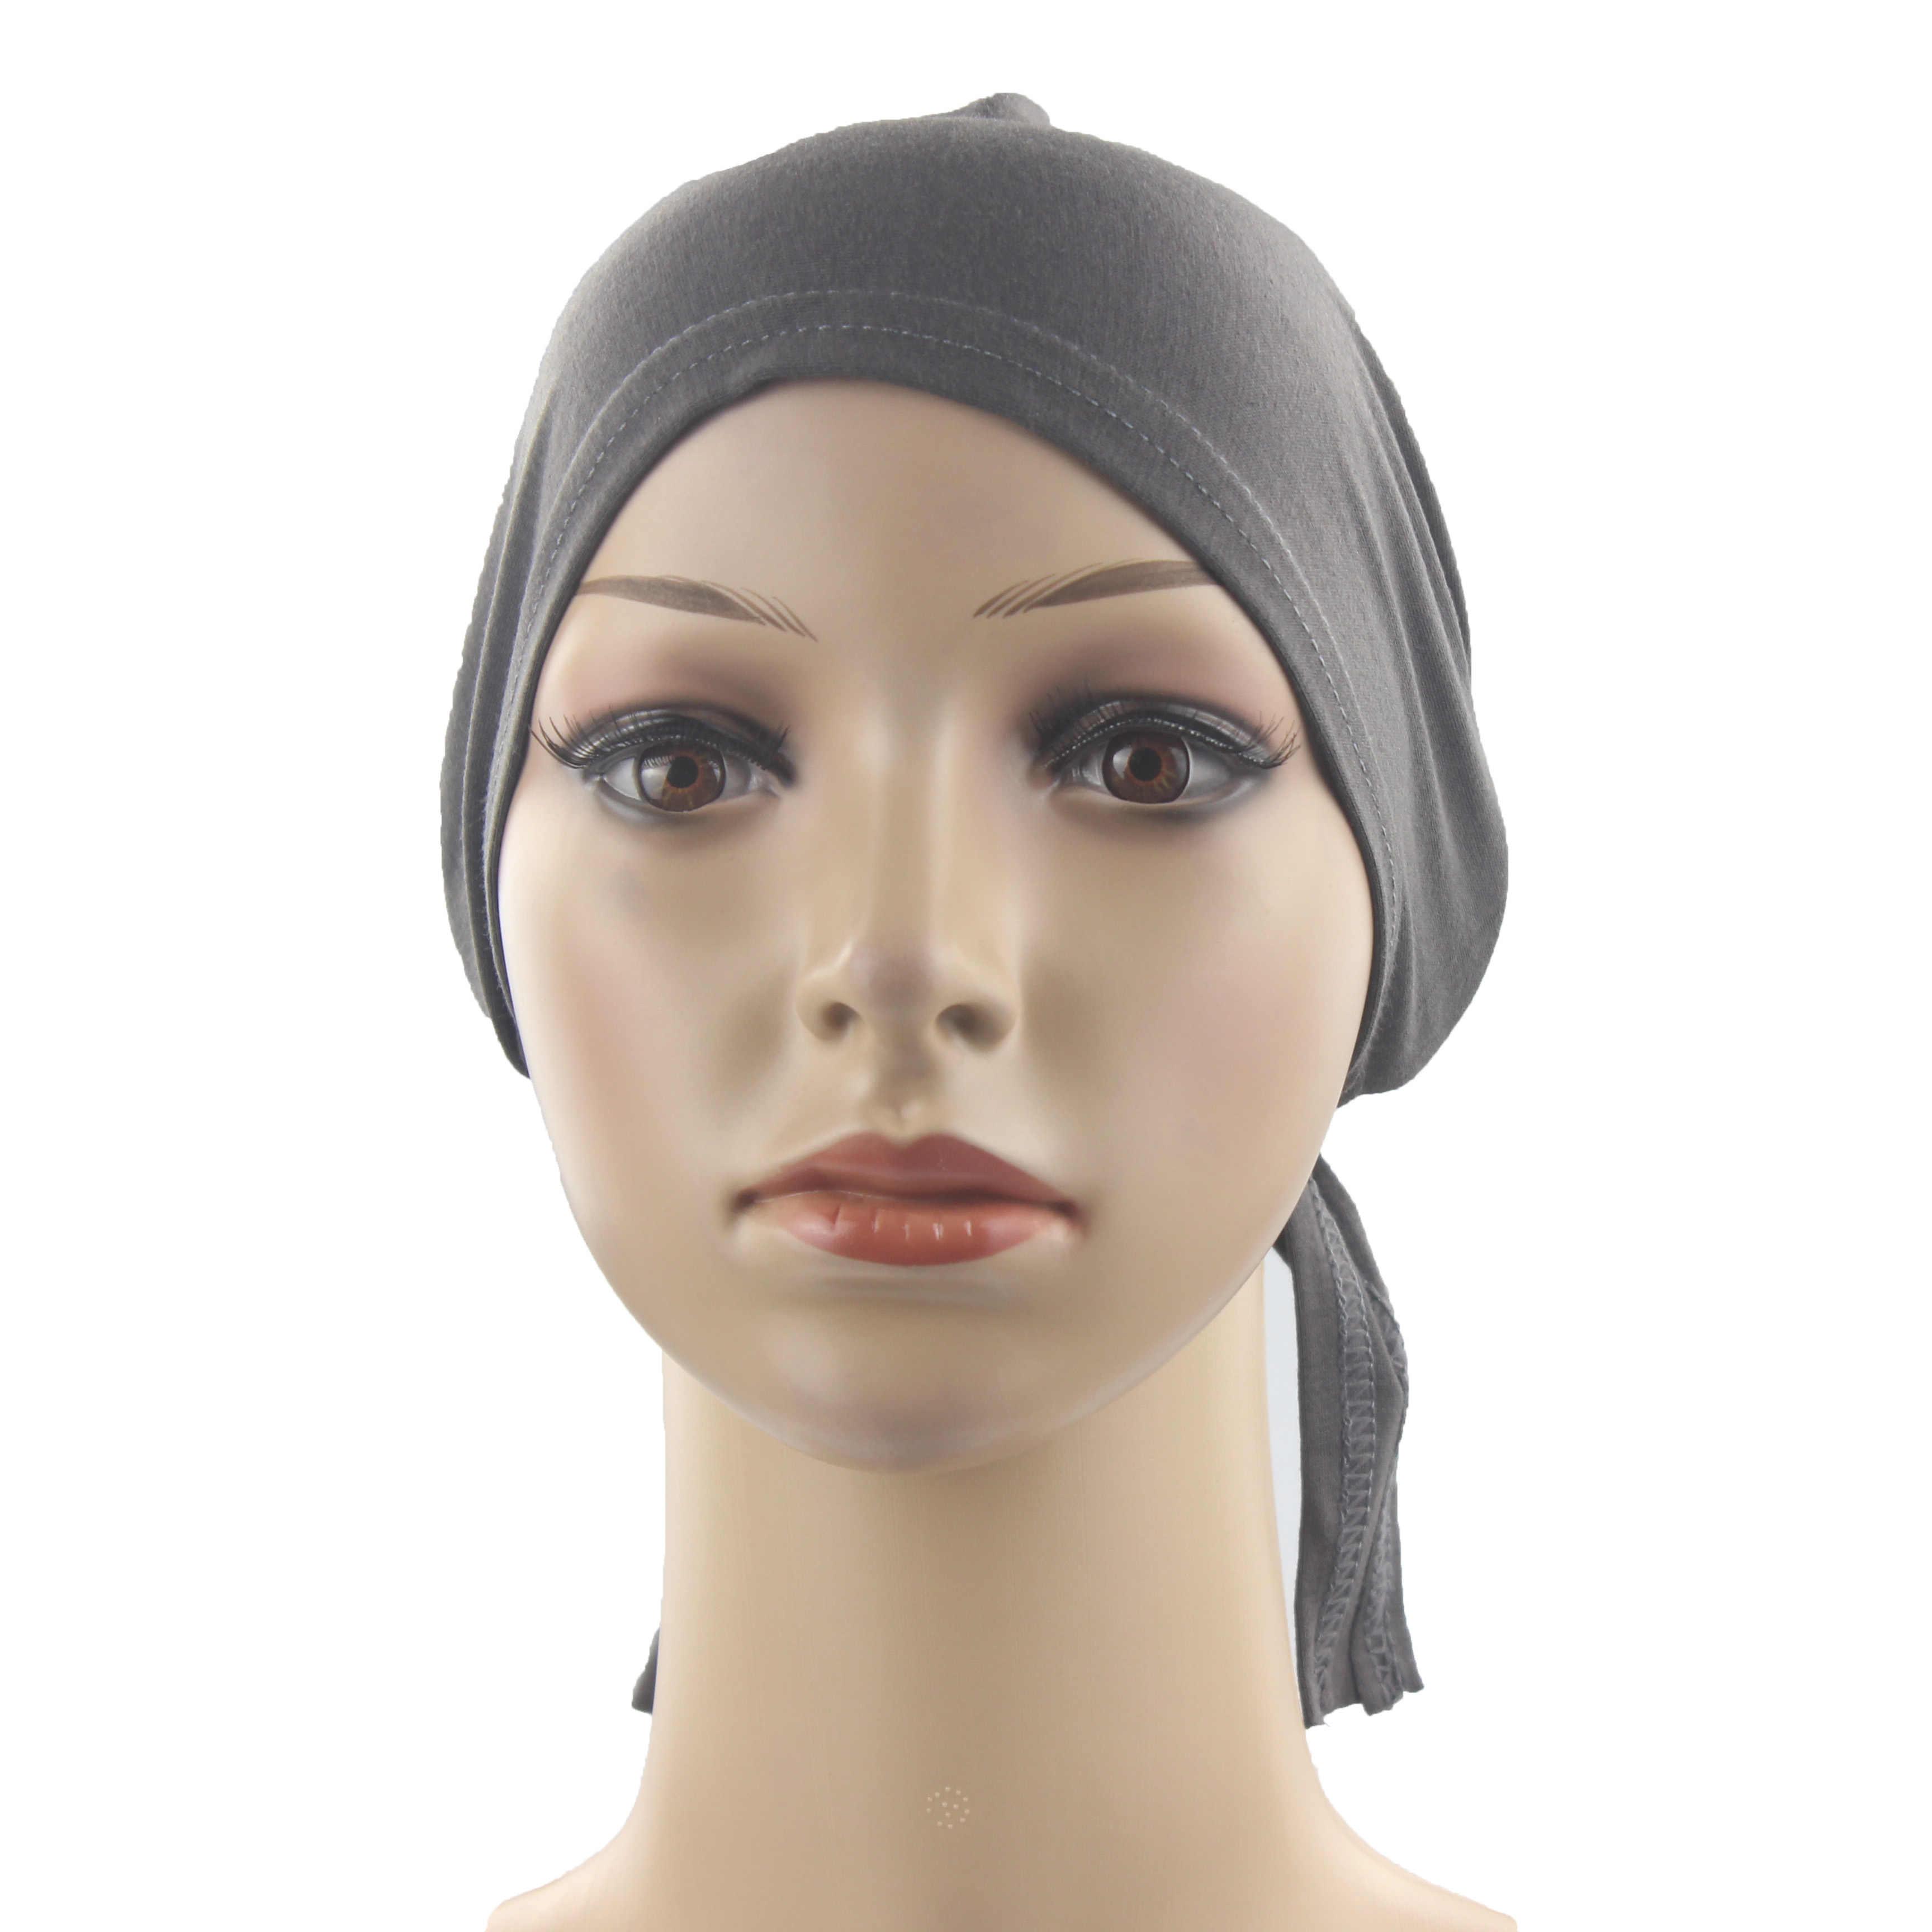 מוסלמי נשים בנות Underscarf חיג 'אב מצנפת כובע סרט רך 100% כותנה עם חגורה אנטי להחליק סיטונאי